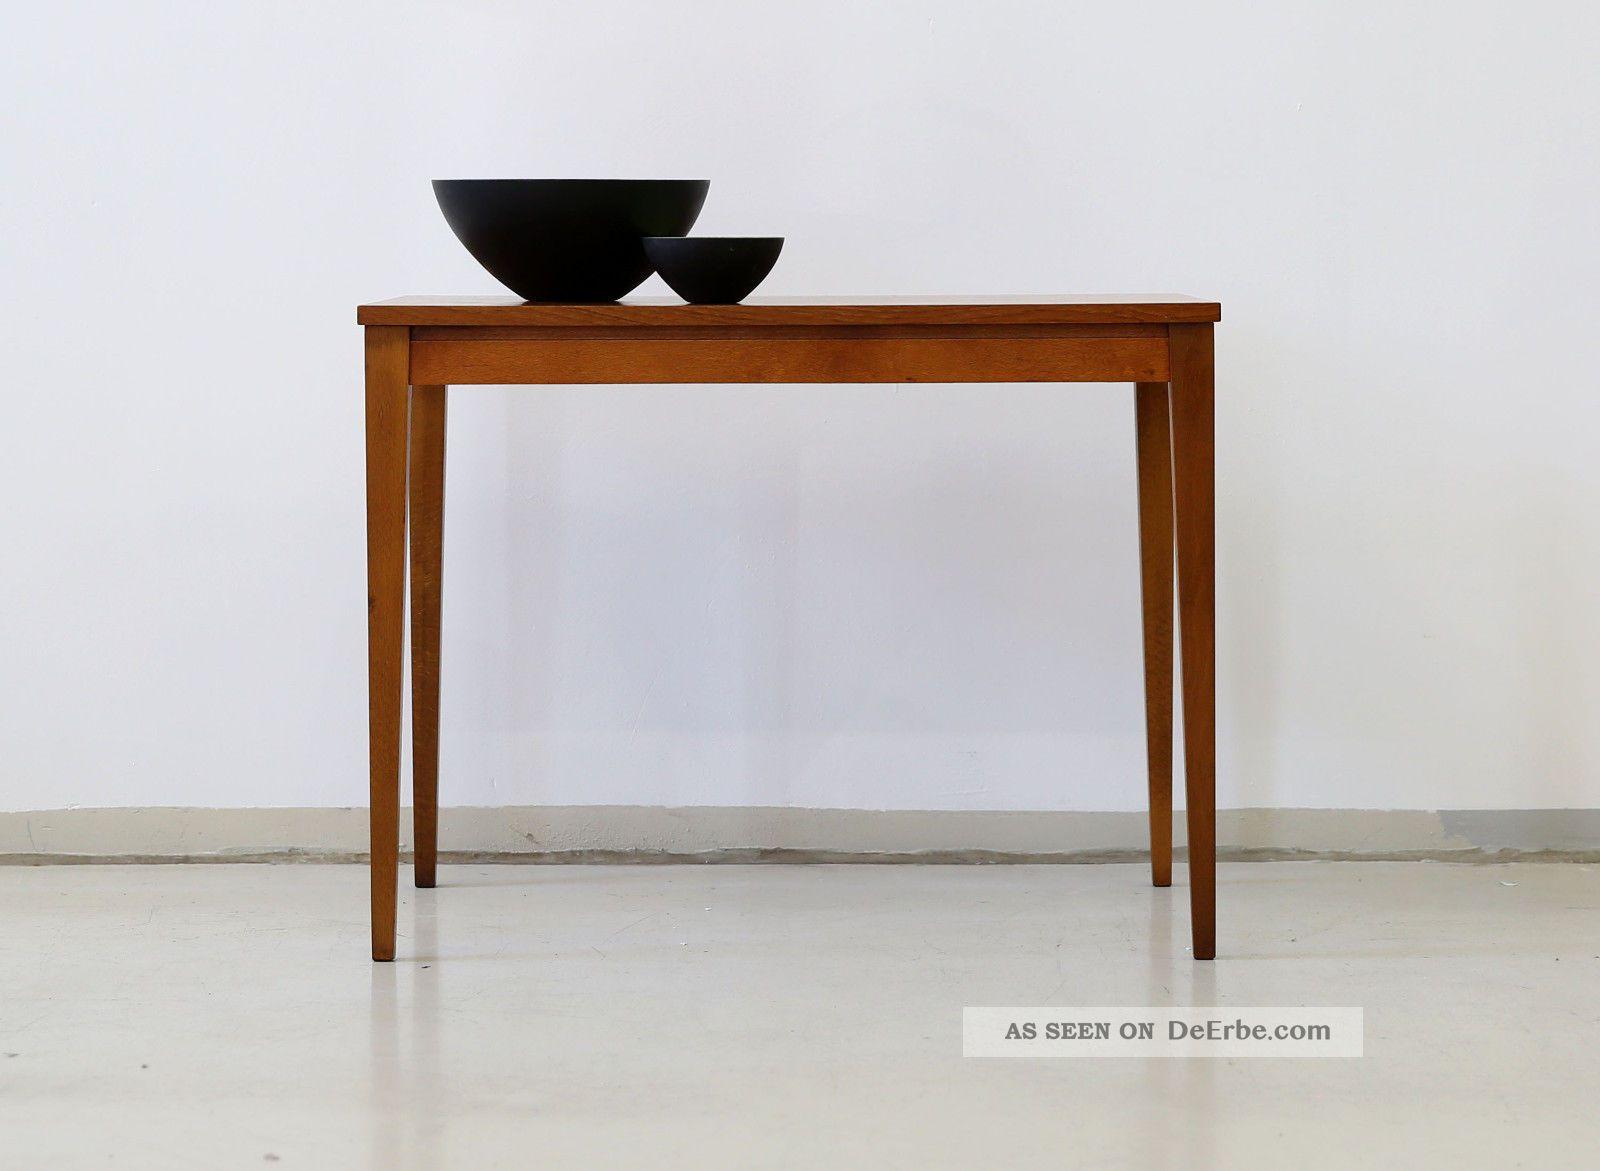 60er Teak Couchtisch Beistelltisch Danish 60s Side Table Vintage Midcentury 1960-1969 Bild